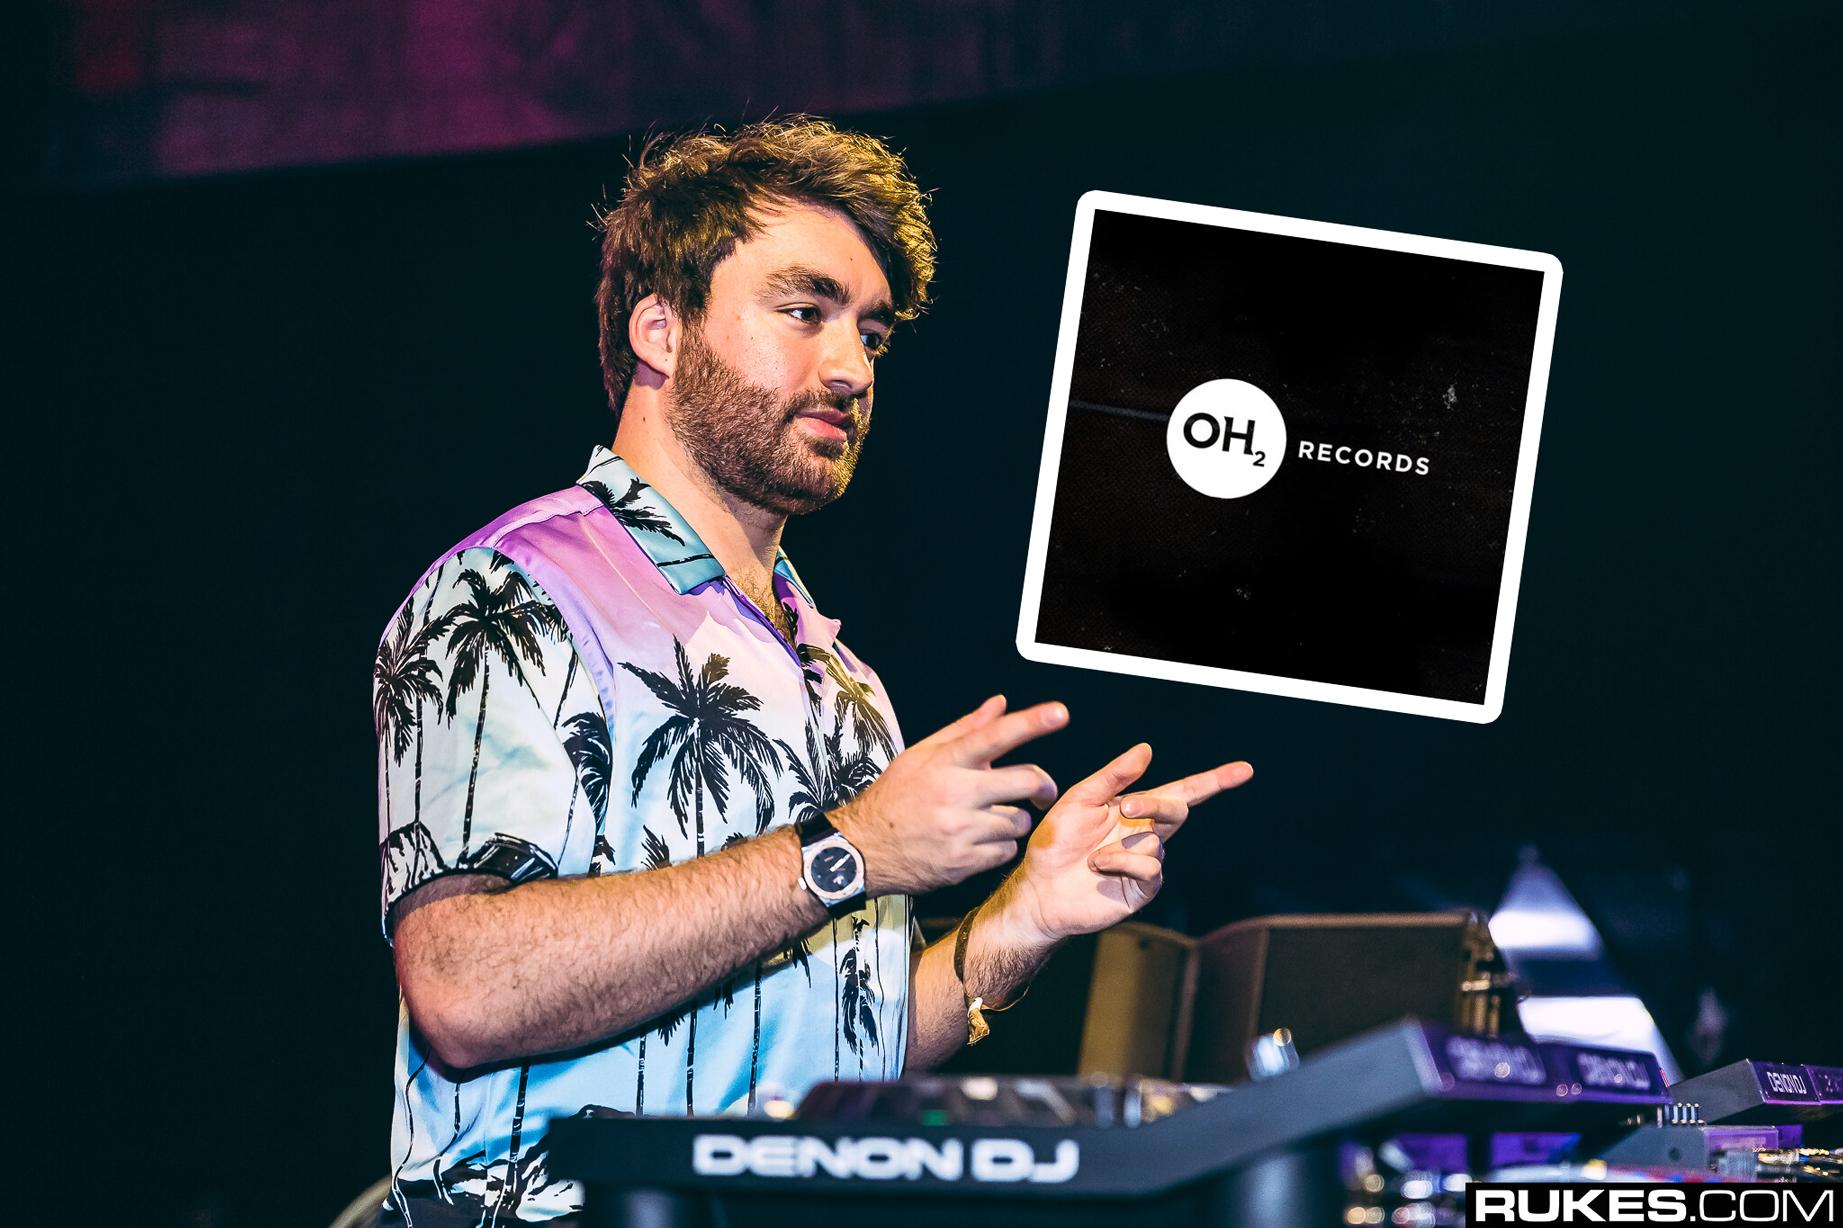 Oliver Heldens inaugura label OH2 e lança track Set Me Free em parceria com Party Pupils